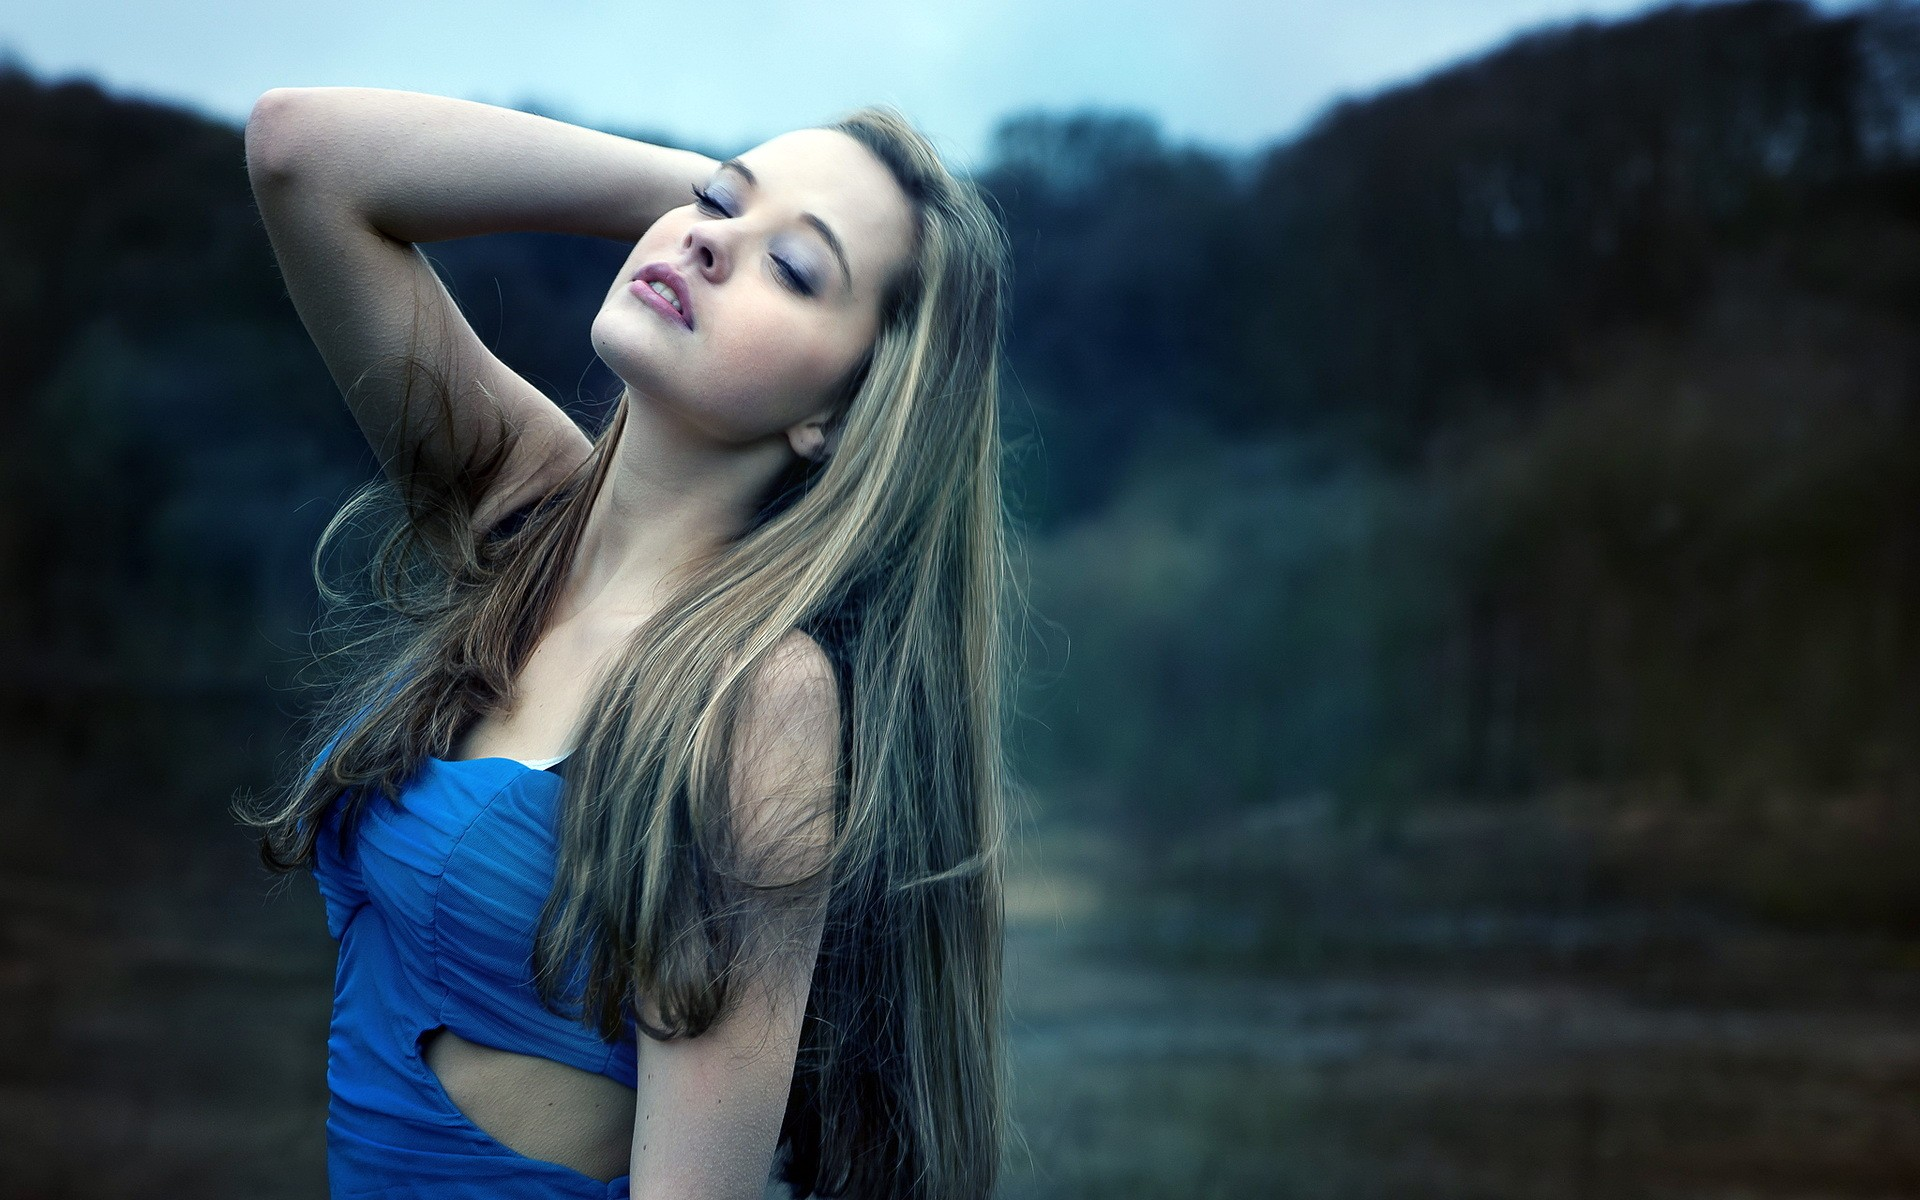 Rubia con vestido azul - 1920x1200